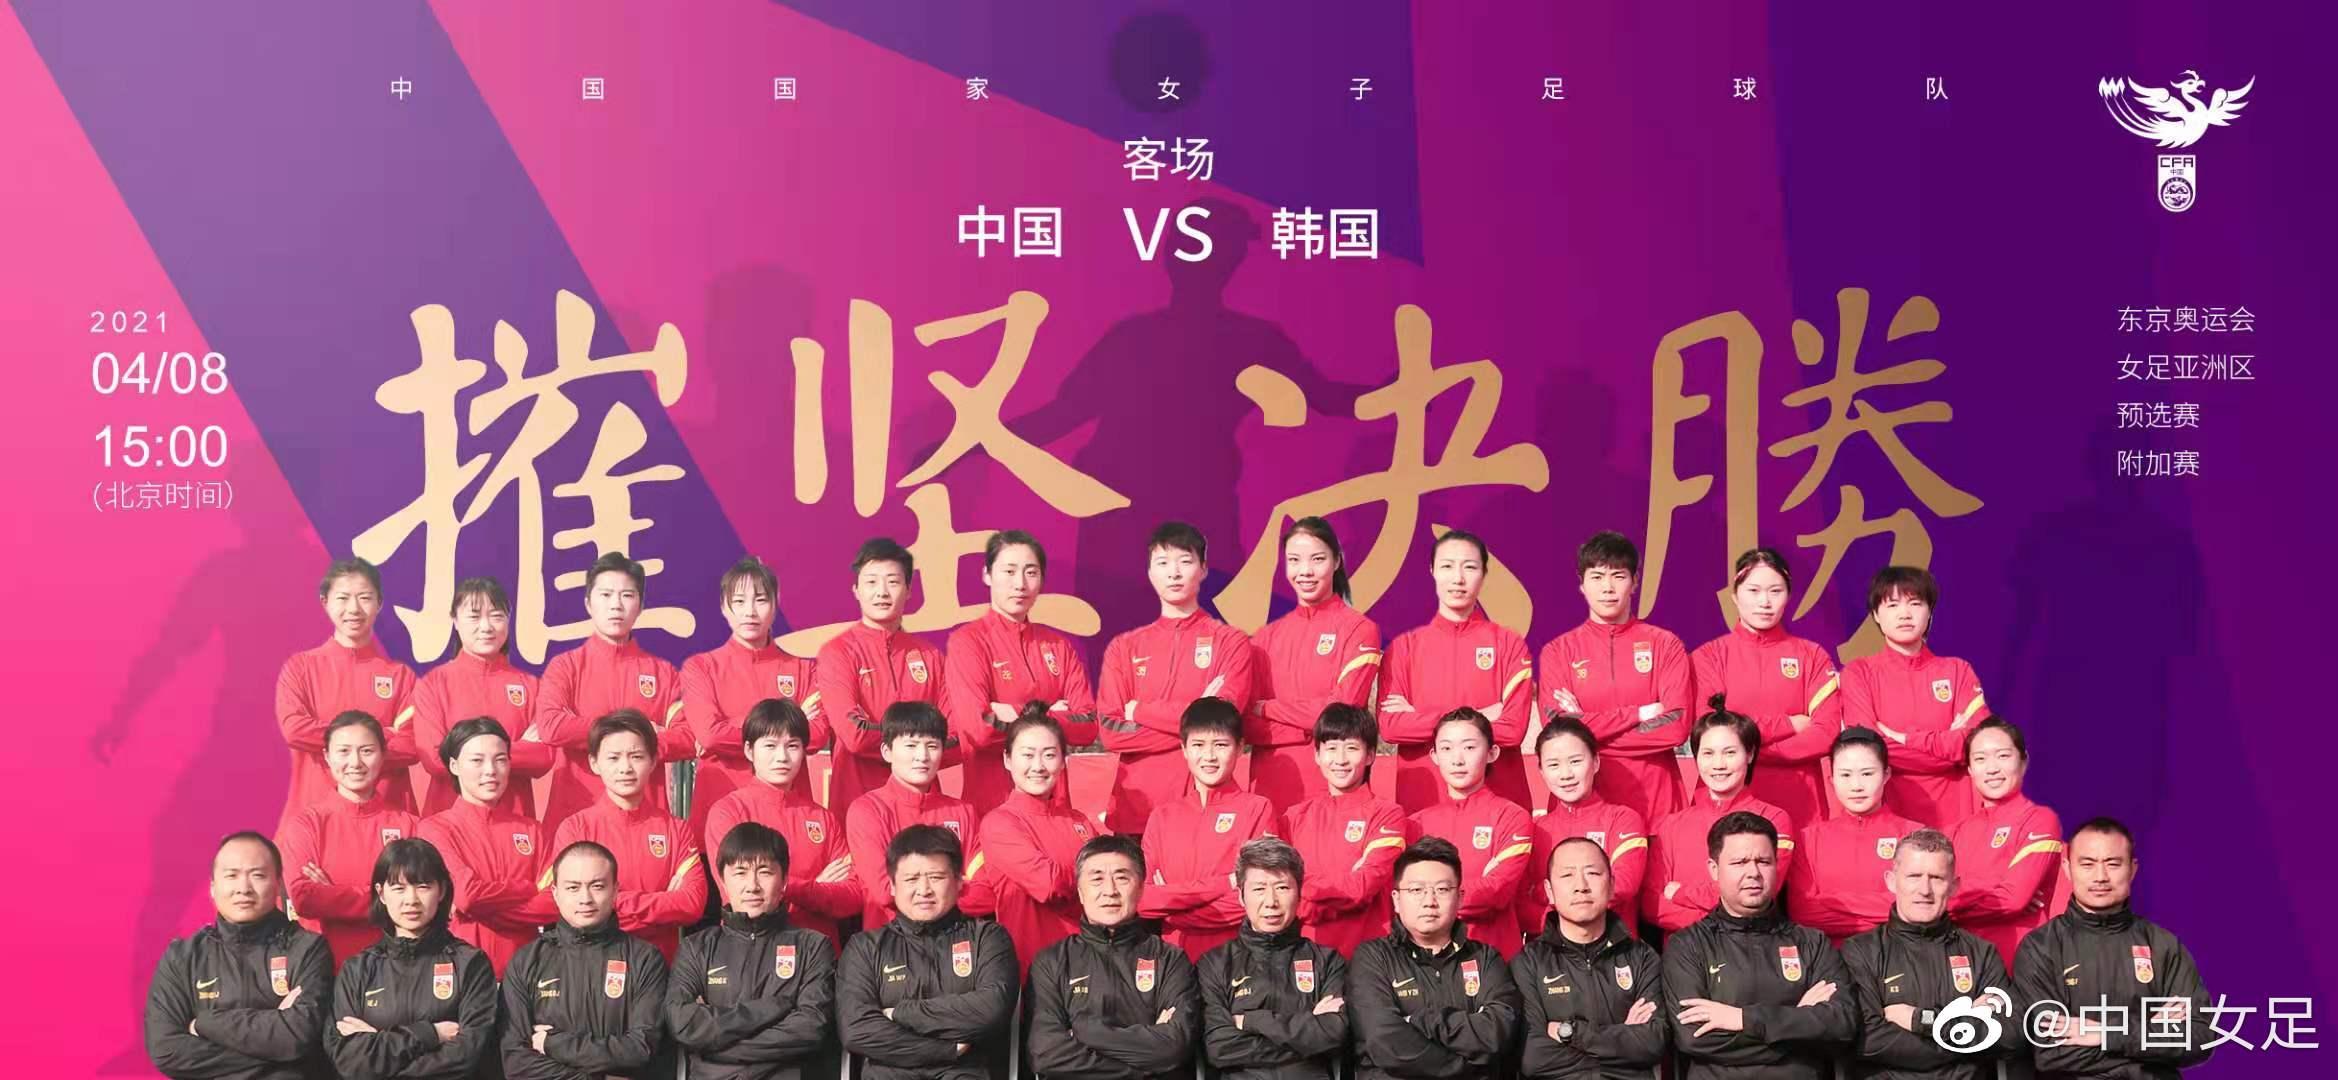 中国女足发布赛前海报。